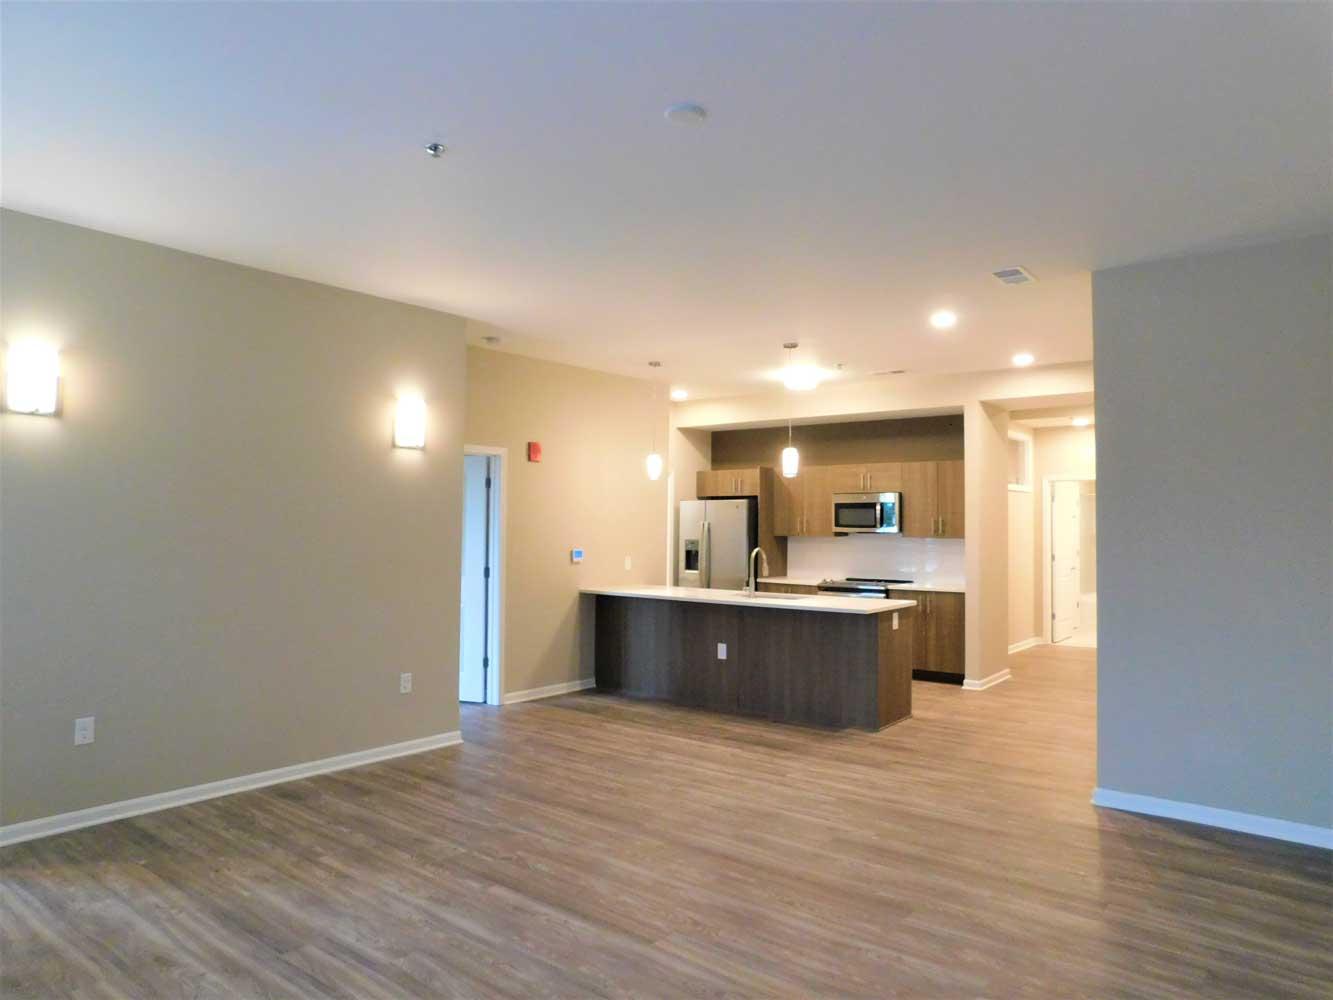 Interior at Midtown Plaza Apartments in Kansas City, MO